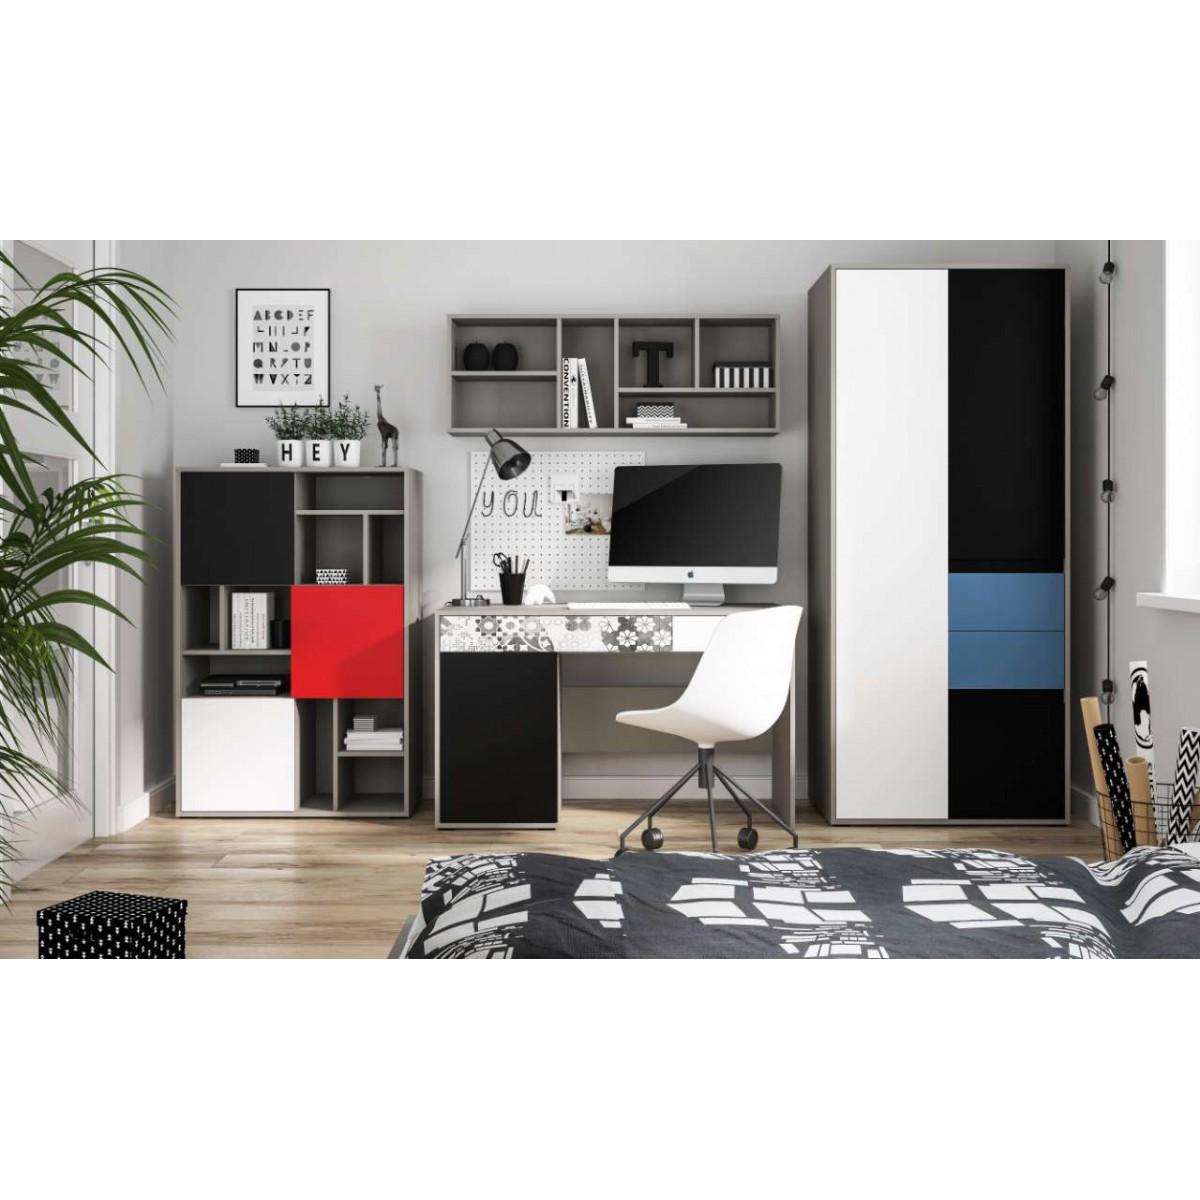 Biurko do pokoju młodzieżowego szary platynowy, czarna perła / biała alpejska Laser LASB01